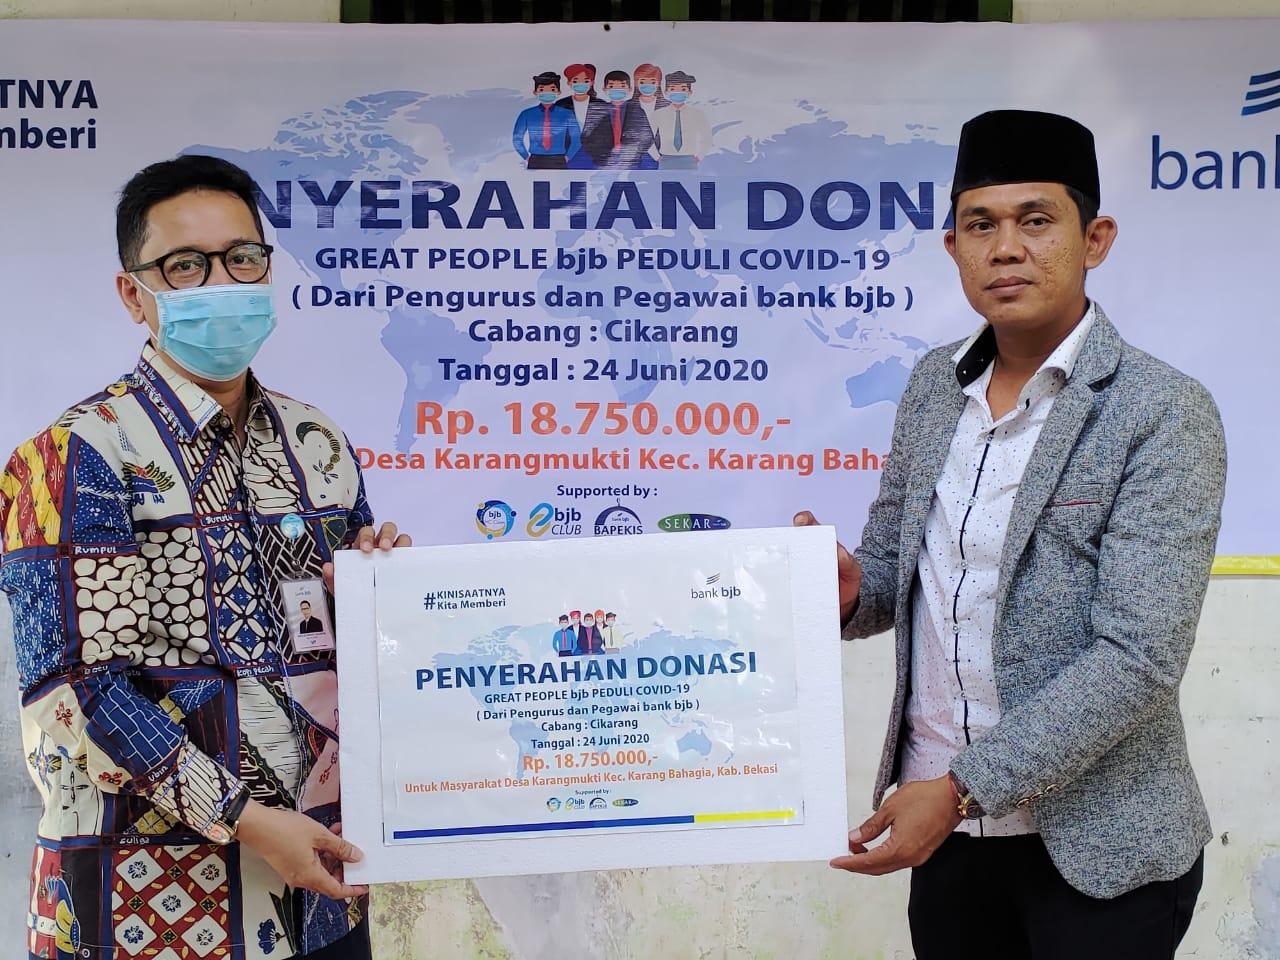 Dampak Covid-19, Bank BJB Cabang Cikarang Berikan Bantuan ...